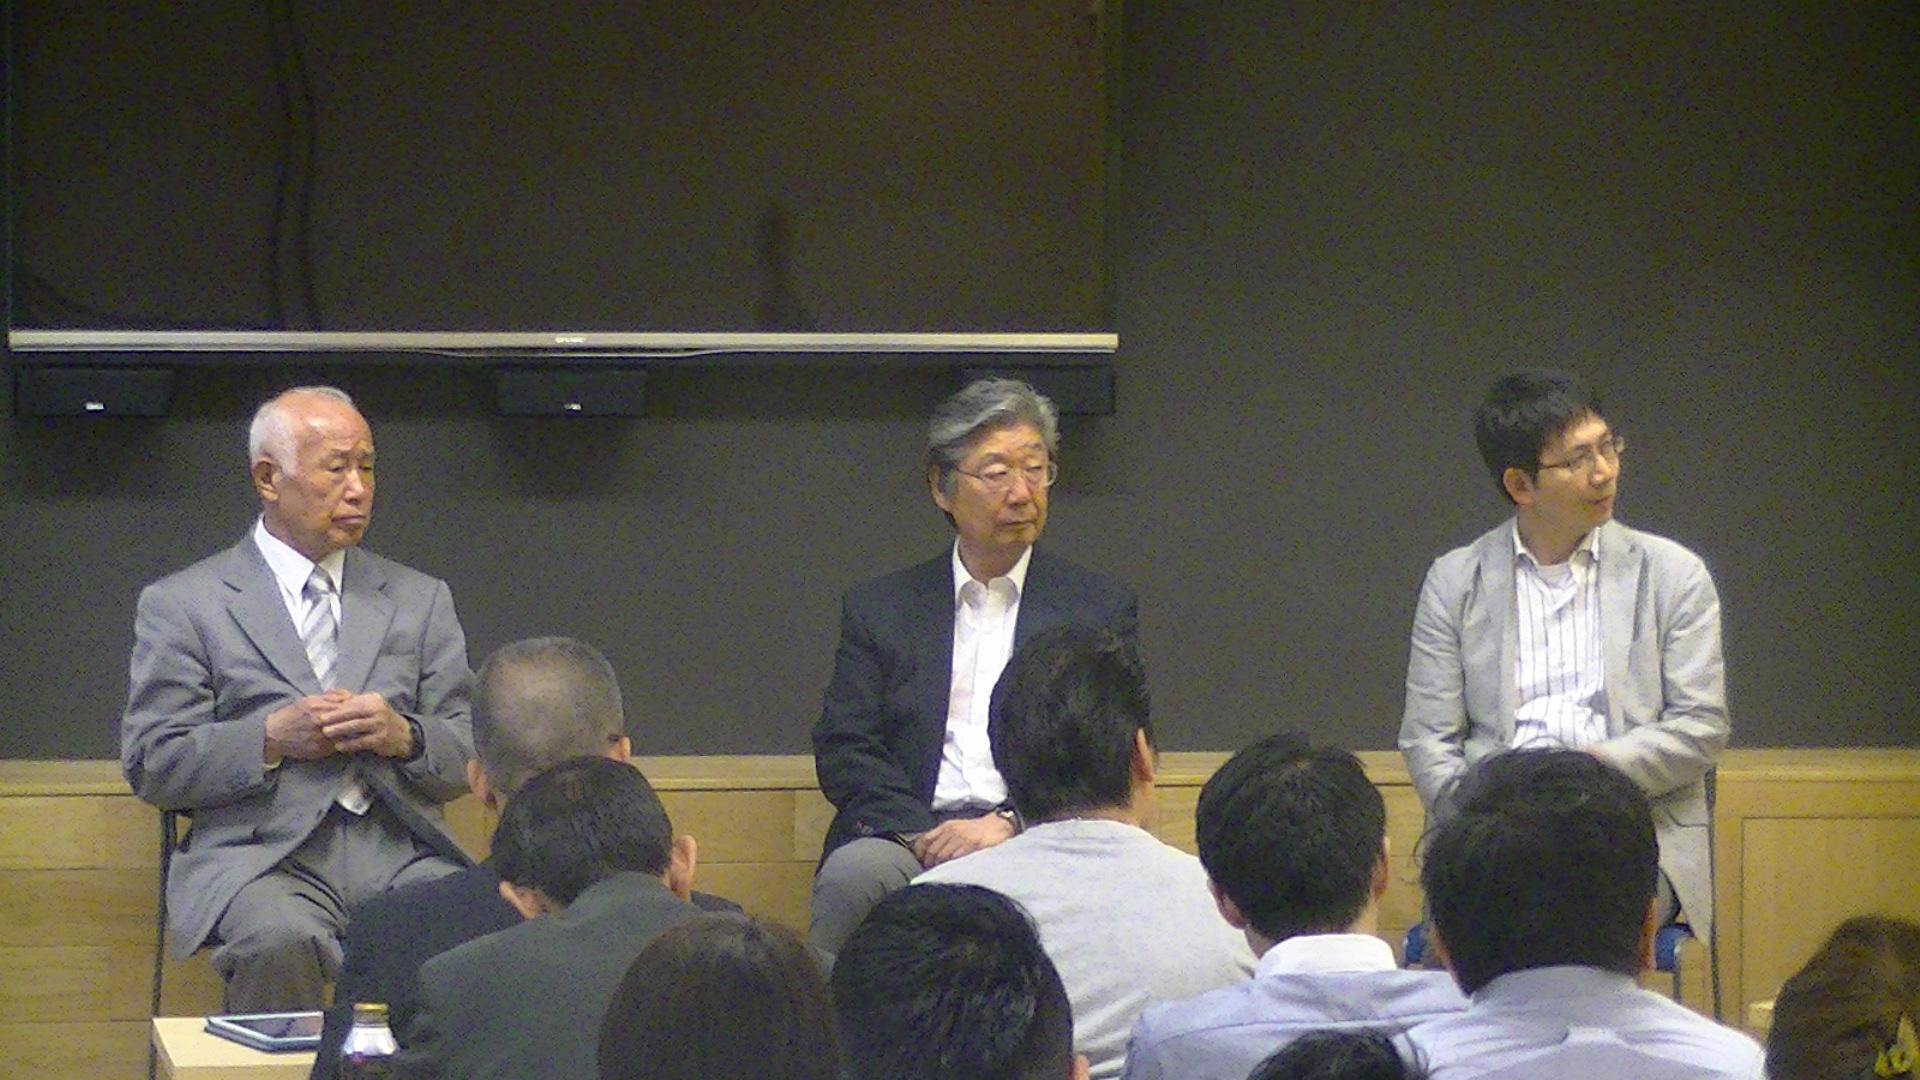 2017年6月3日 東京思風塾 テーマ「人間主義経済の到来~社会性と事業性との異次元マッチング経営の実例」